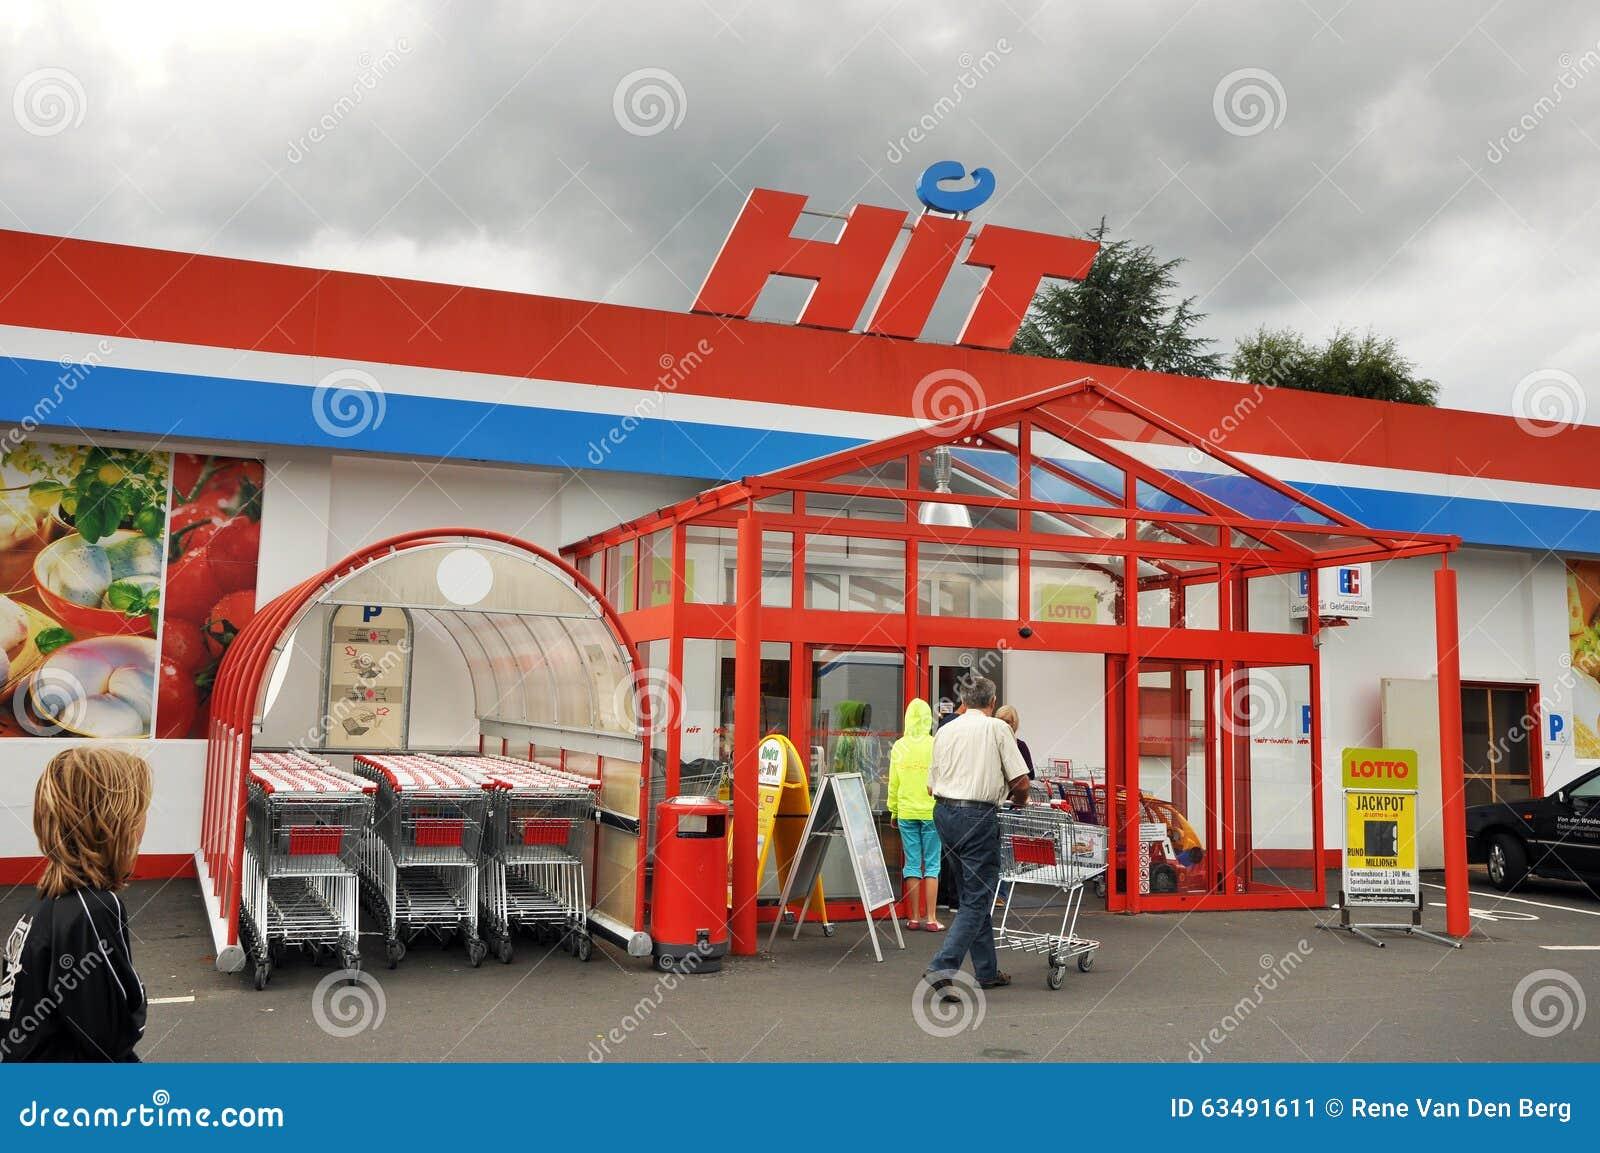 Dutch Food Shops In Leeds